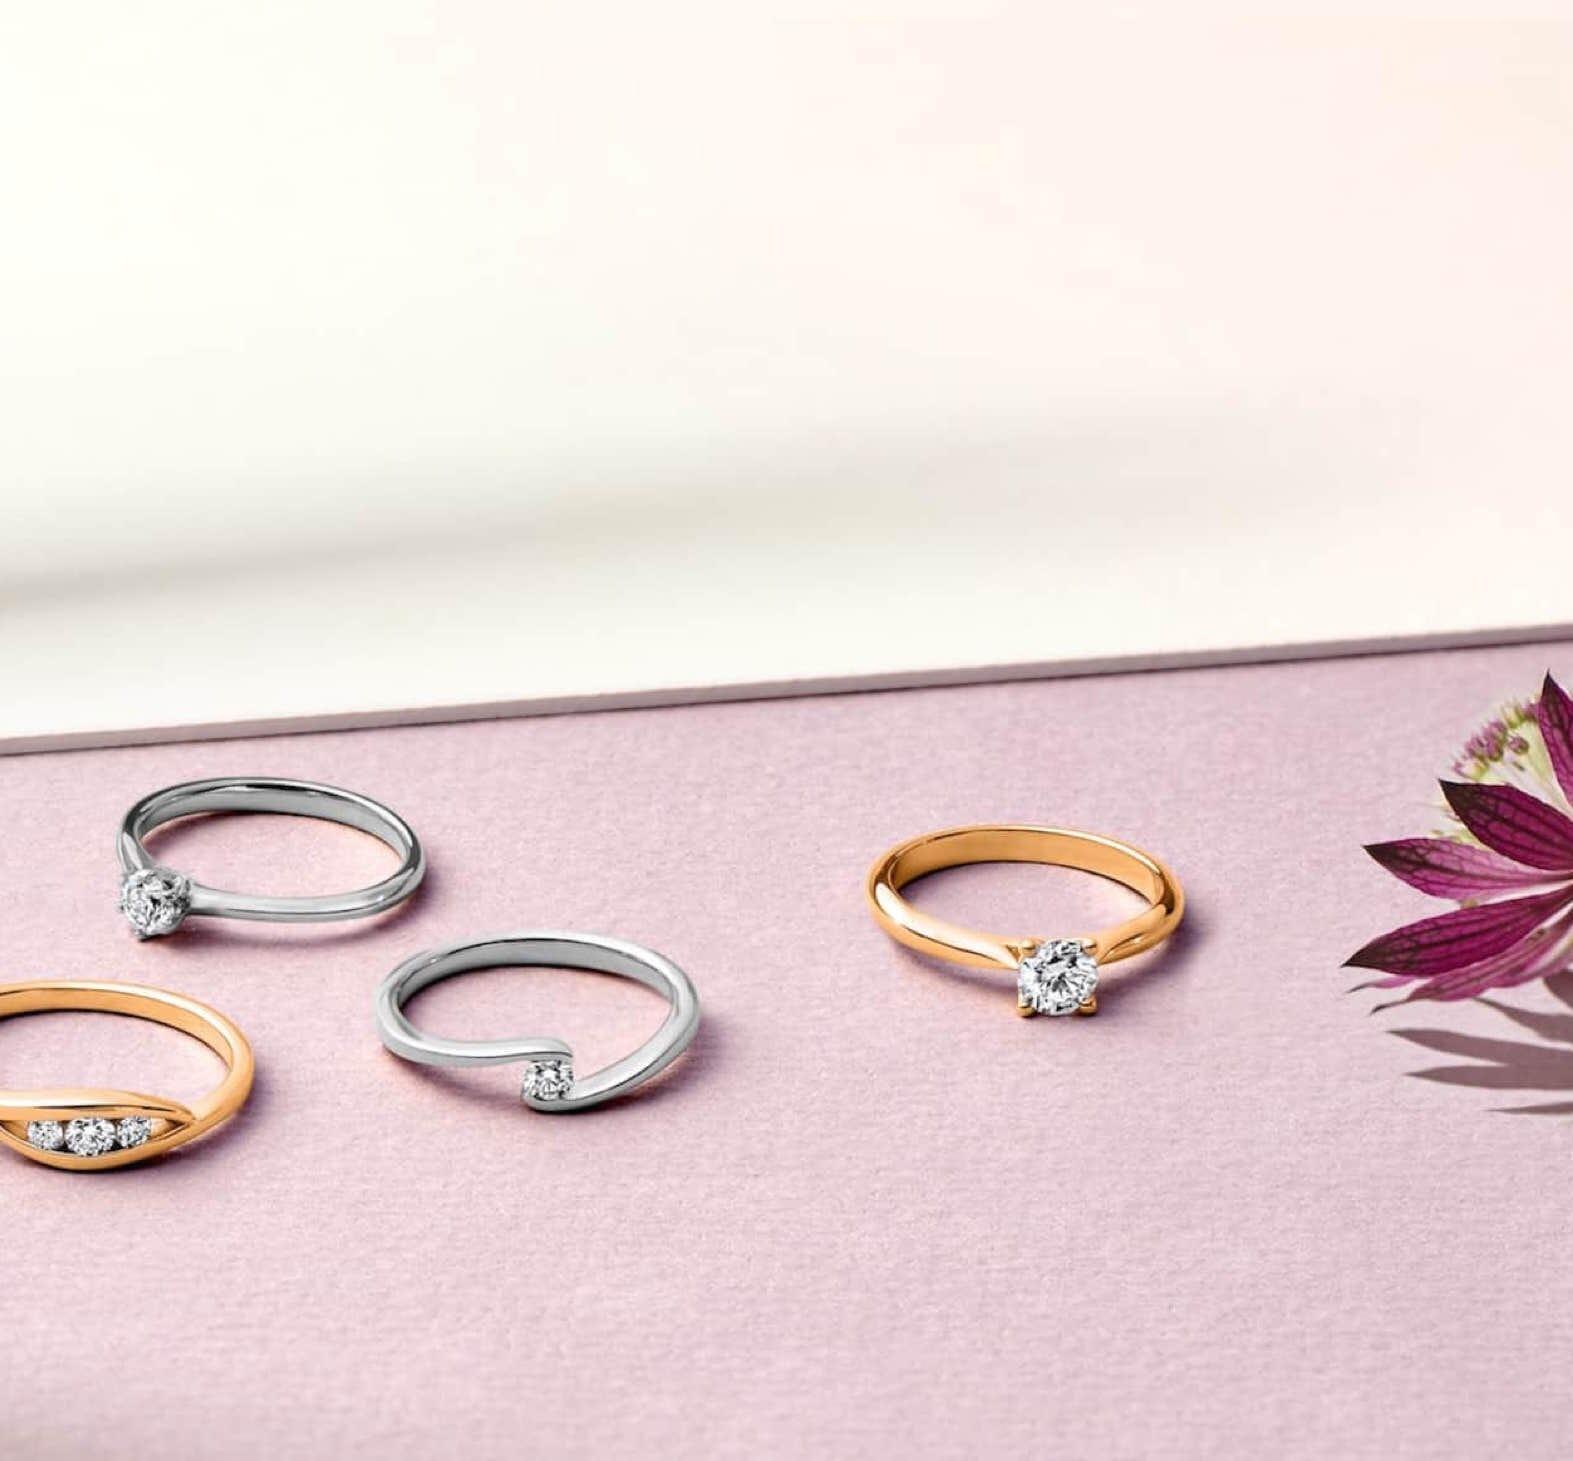 Verlobungsringe auf rosa/ weissen Hintergrund